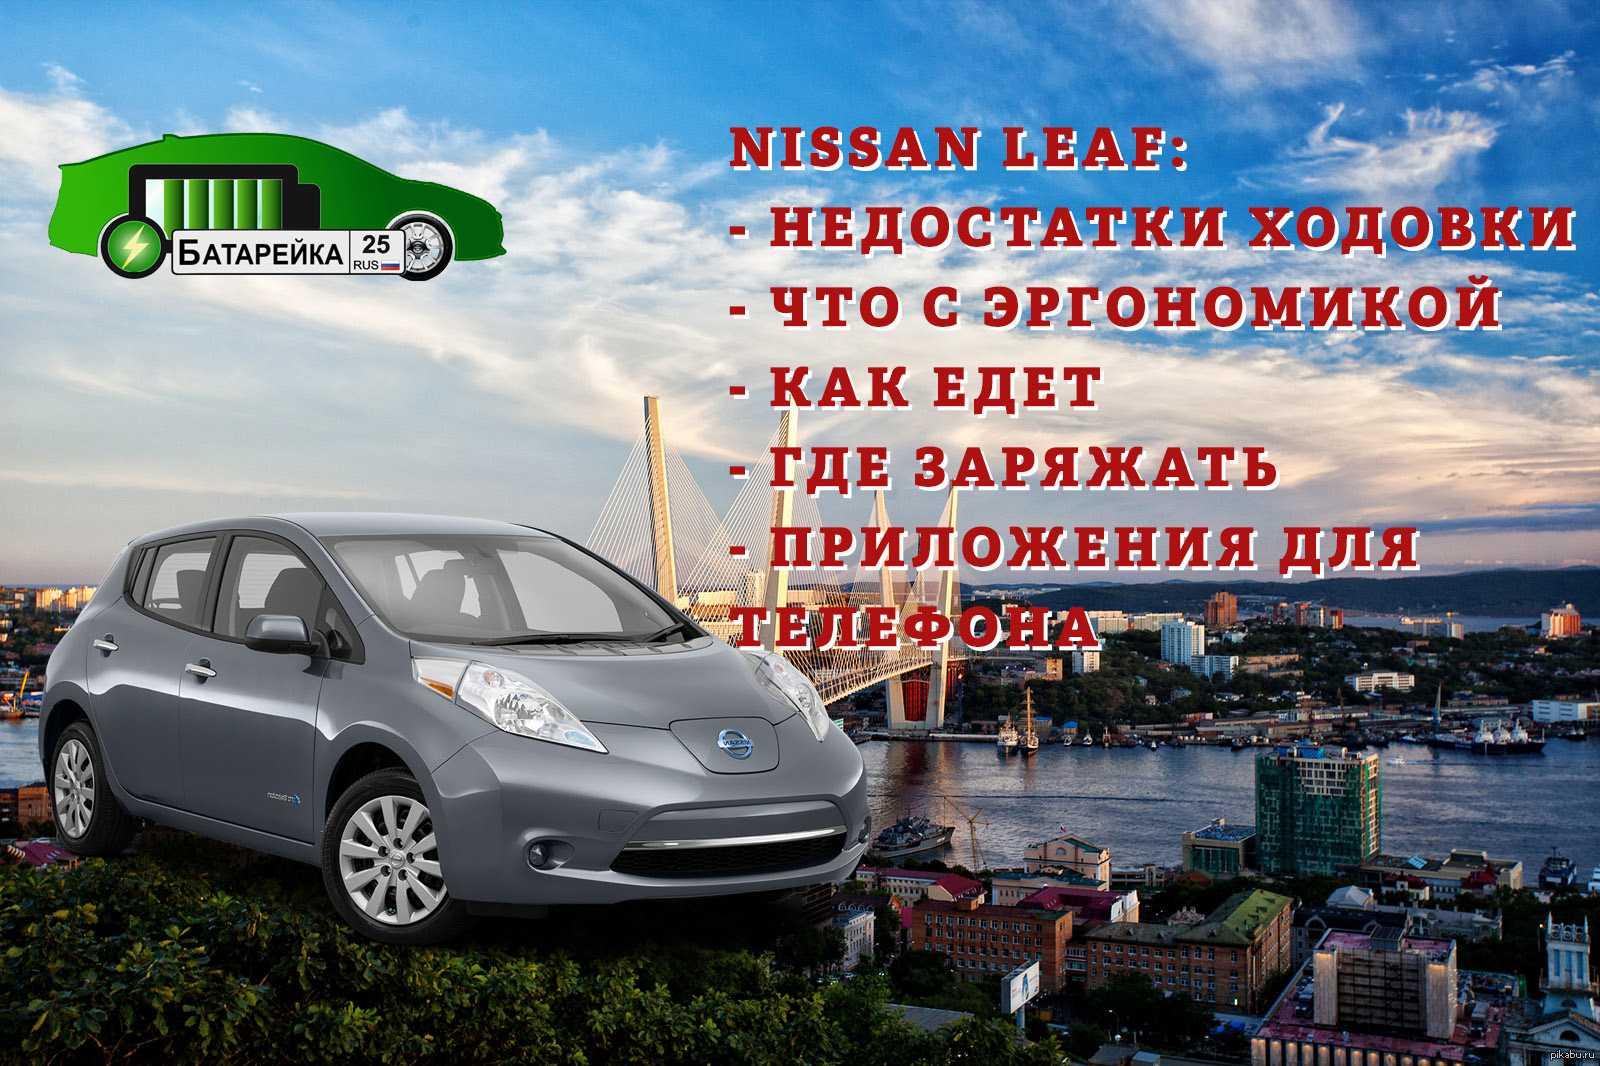 Nissan leaf (ниссан лиф) - продажа, цены, отзывы, фото: 1123 объявления